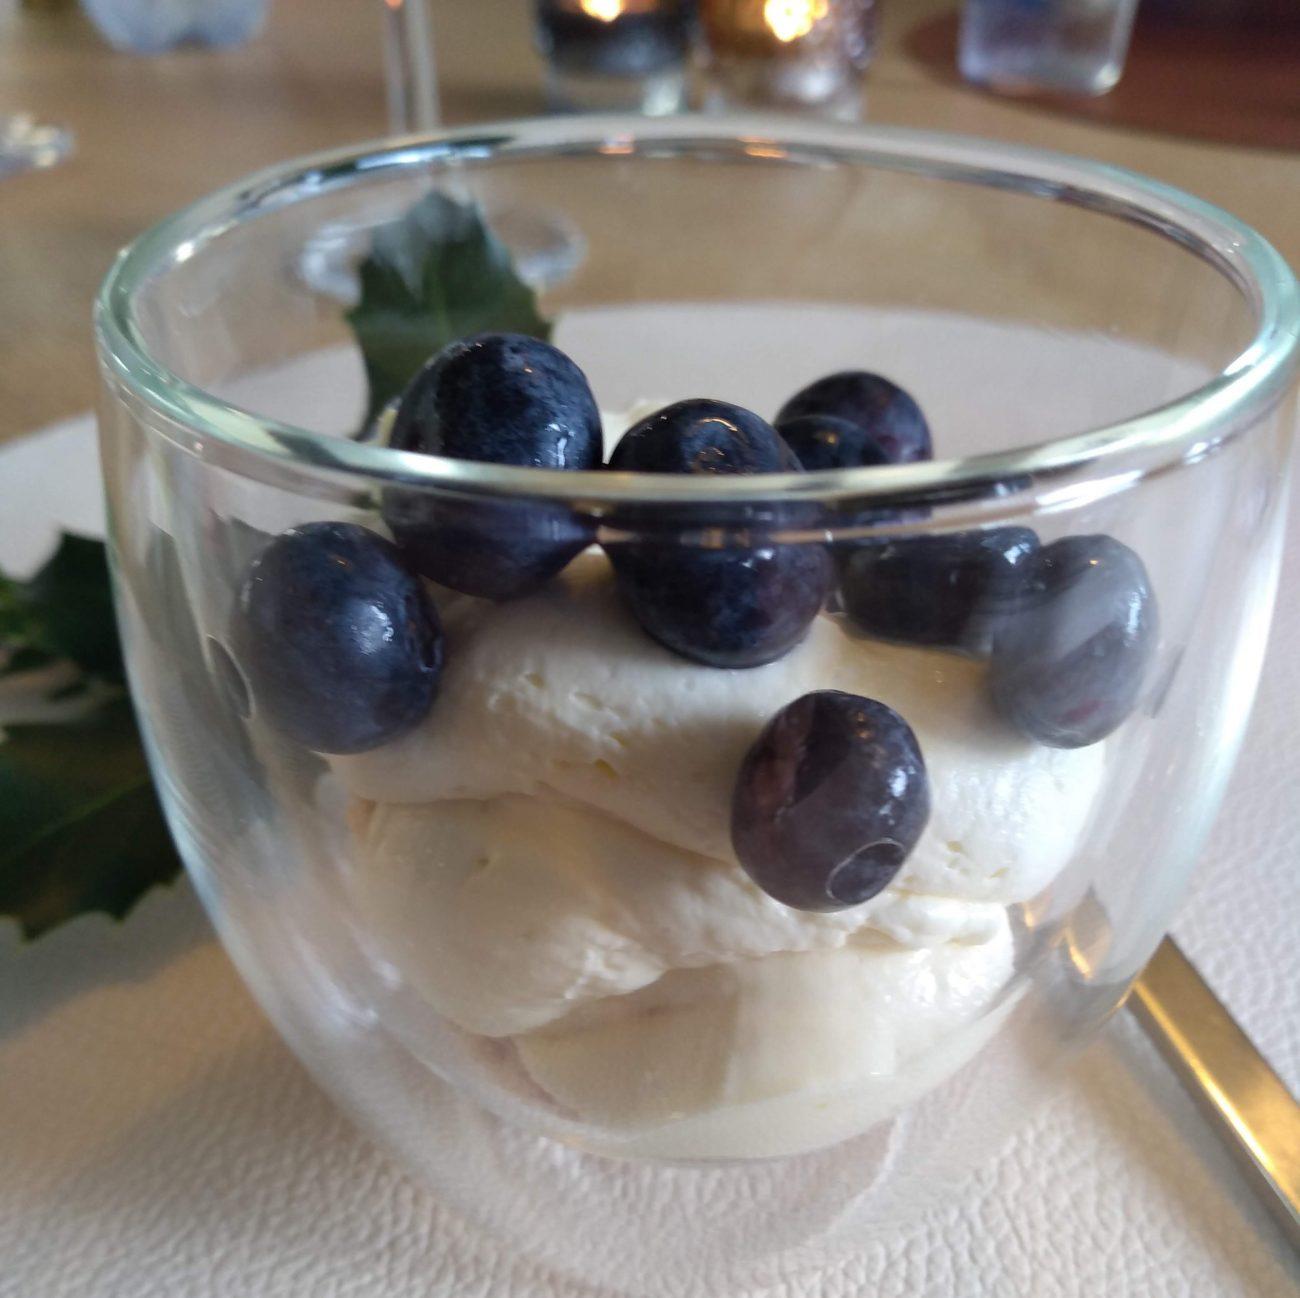 Suikervrij dessert met citroen mascarpone en blauwe bessen